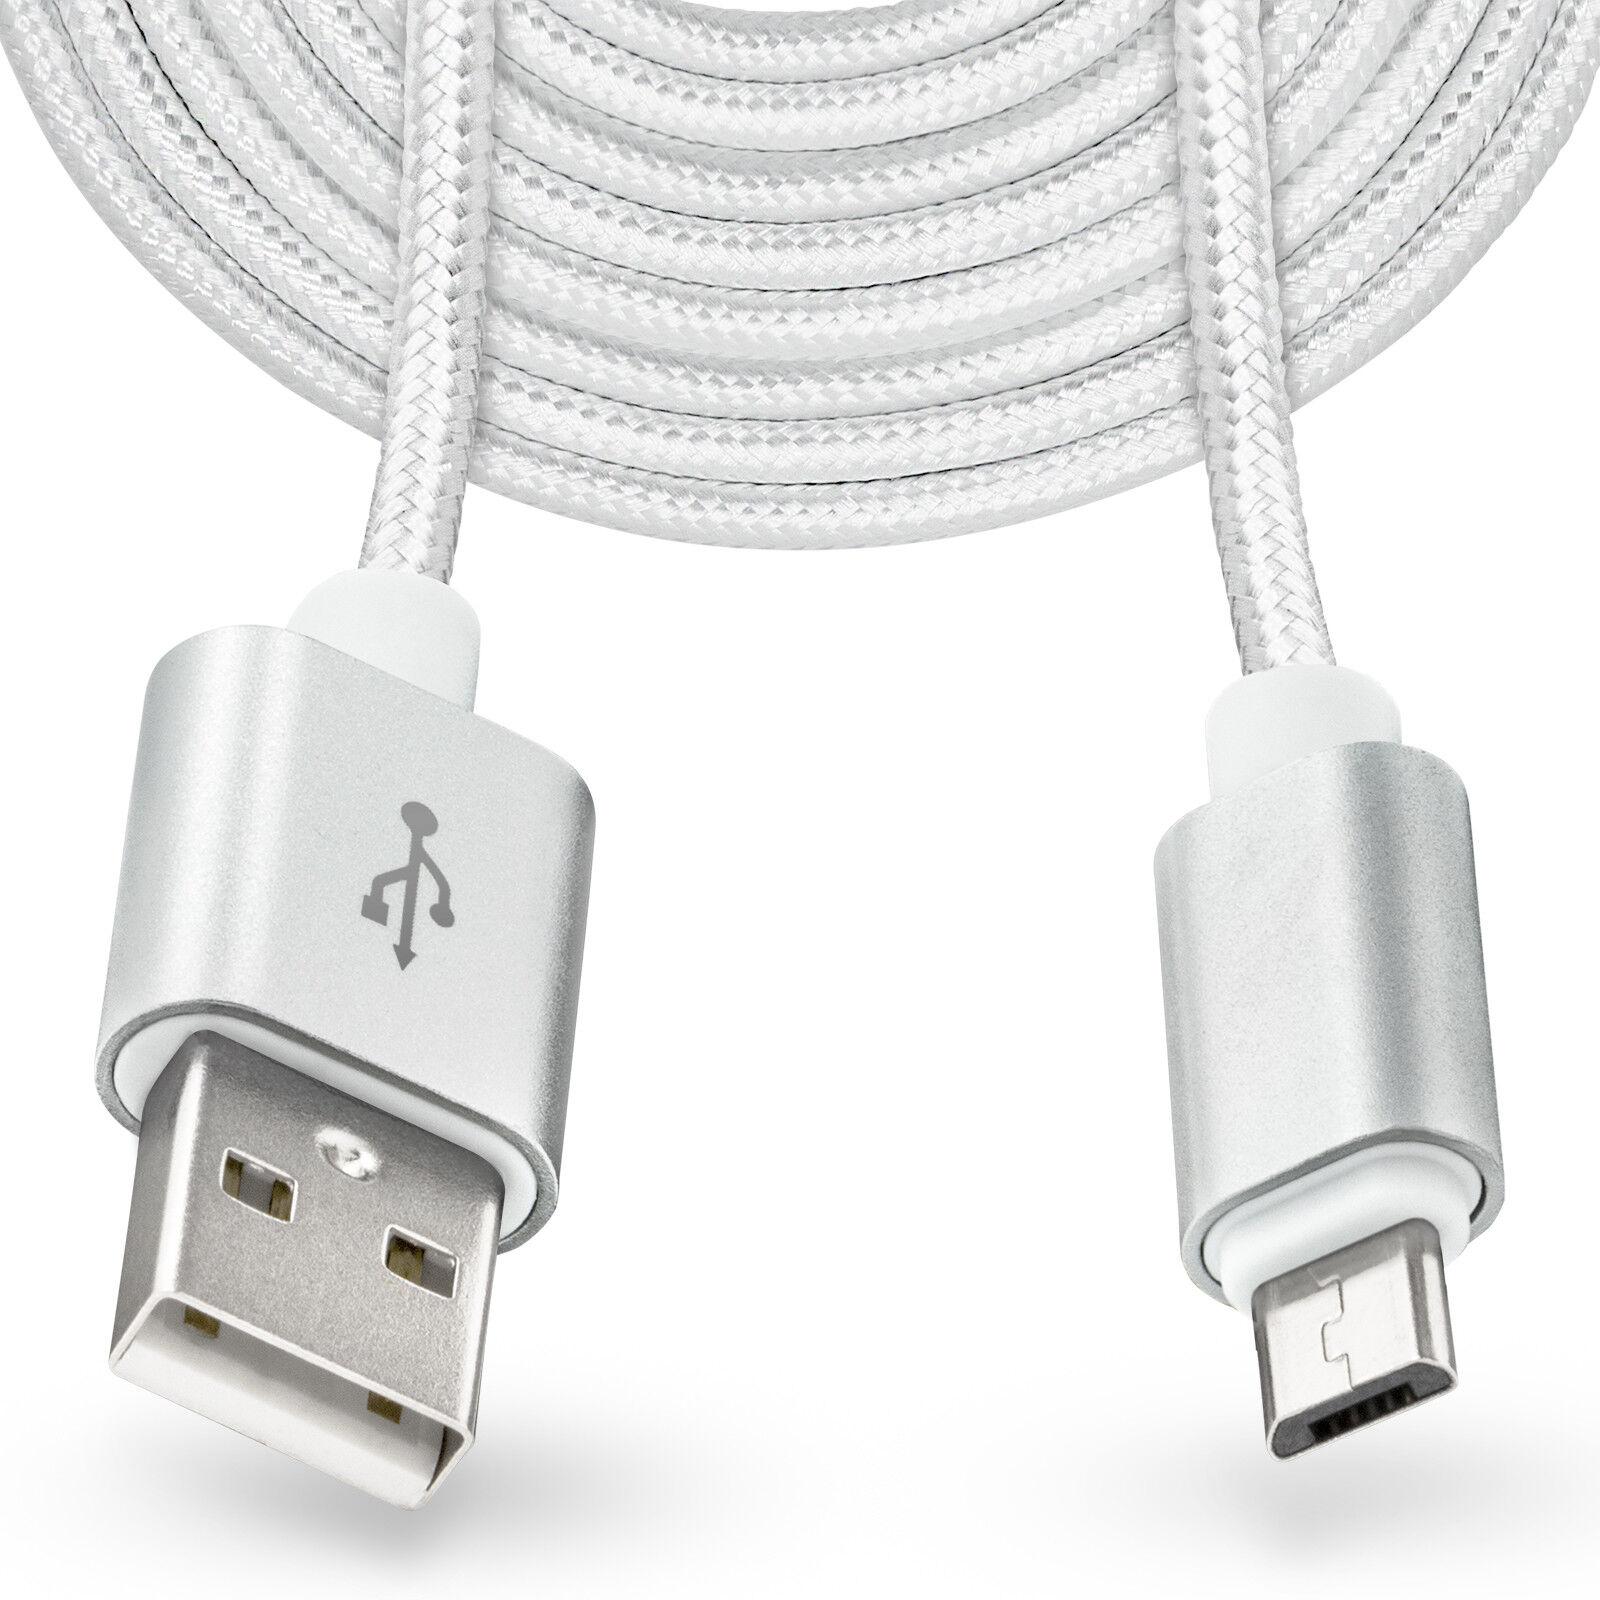 Details zu 3m langes Micro USB Kabel Stecker Ladekabel für Samsung Galaxy S7 S6 Edge Plus